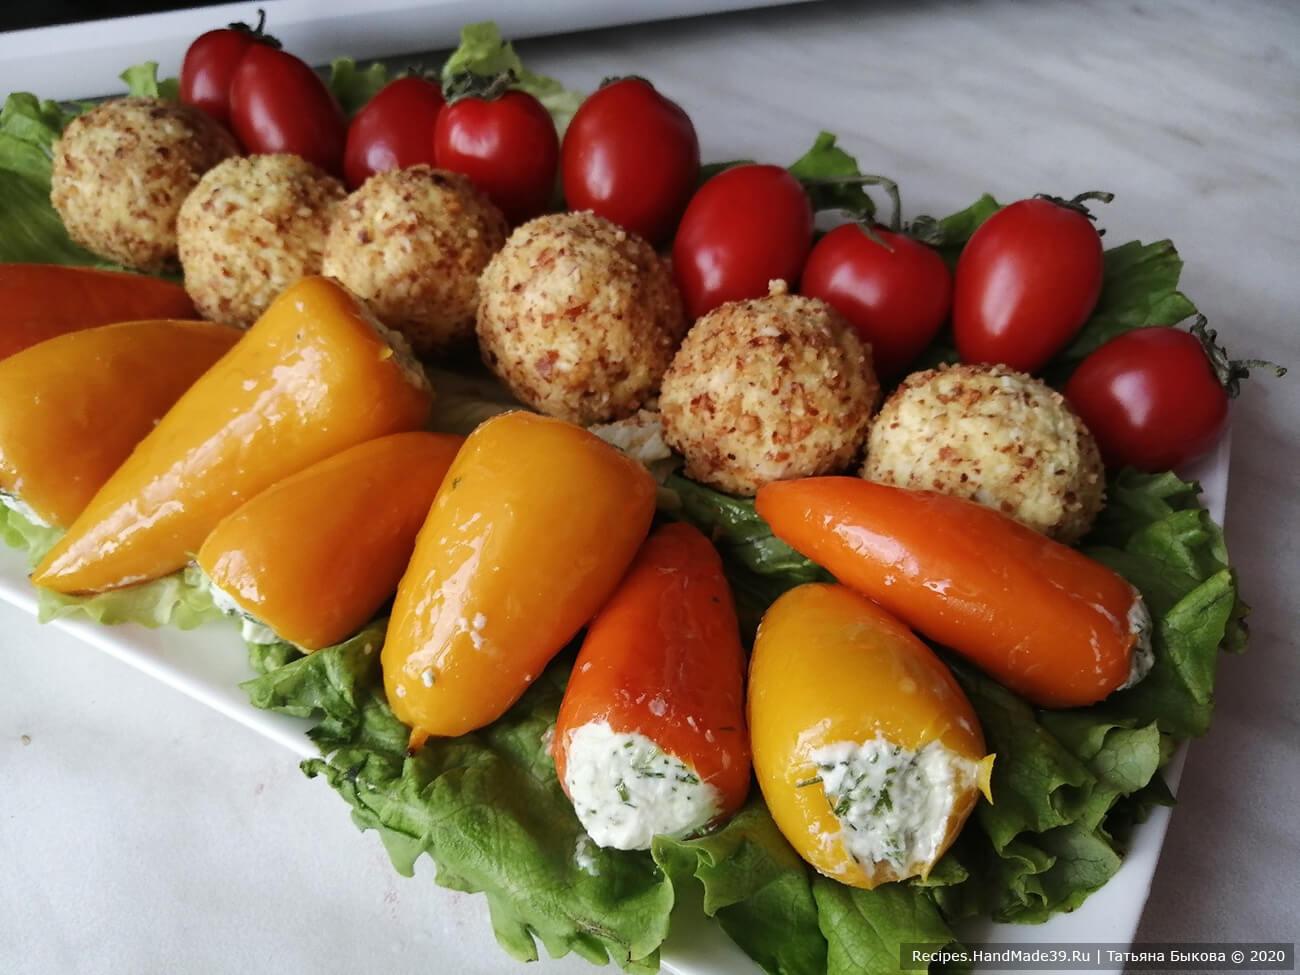 Мини-перцы, фаршированные творожным сыром и маринованные в острой заливке